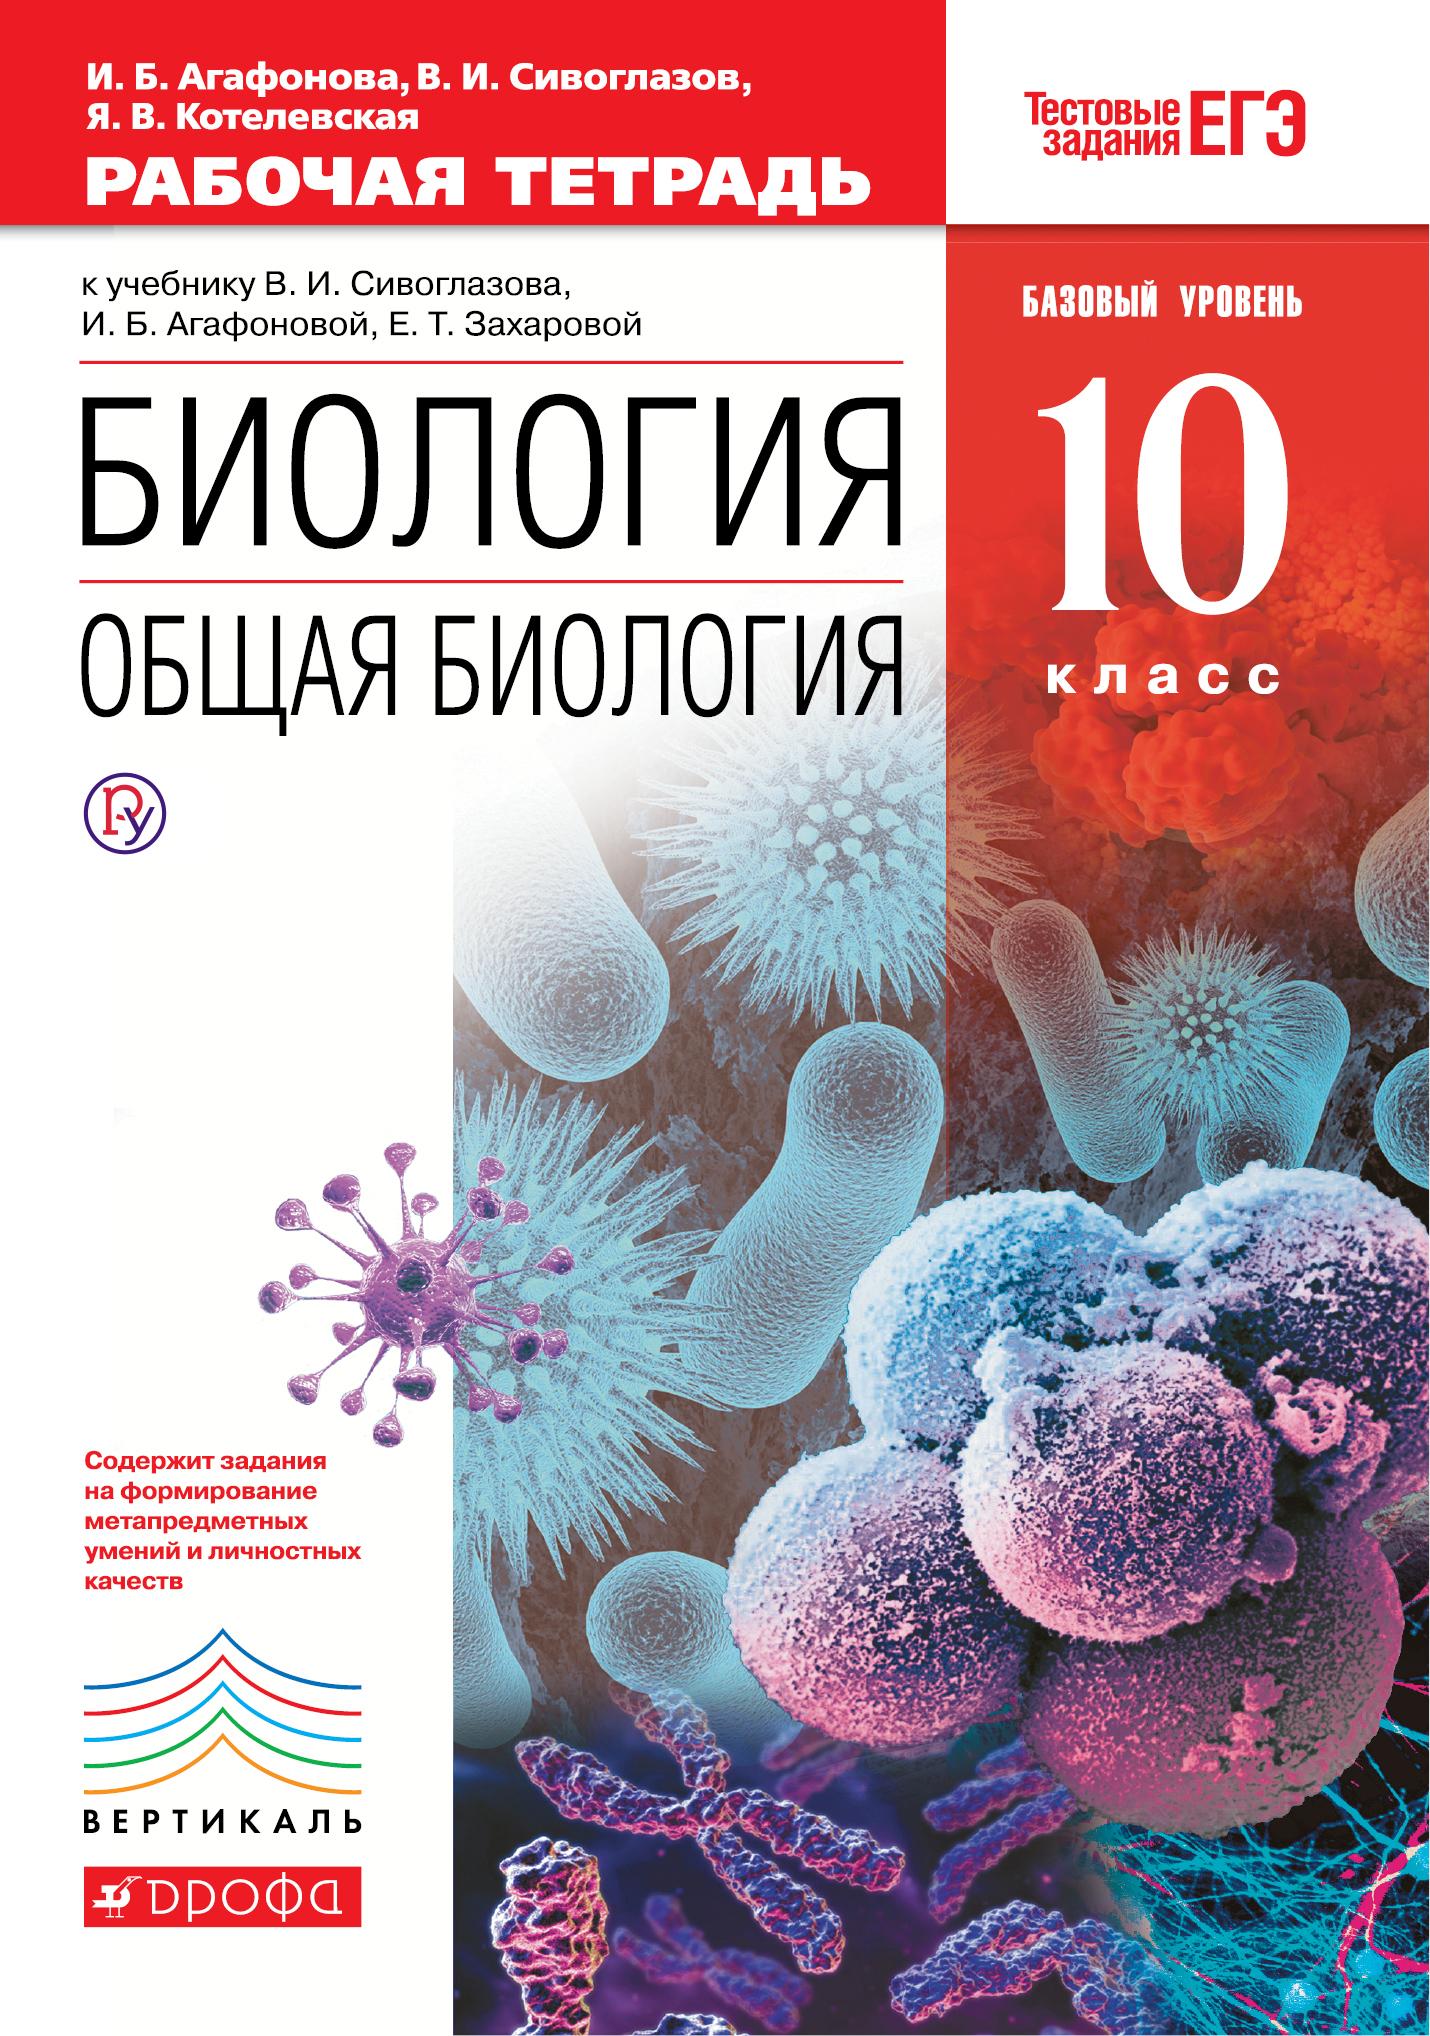 Рабочая тетрадь по биологии 10-11 класс сивоглазов